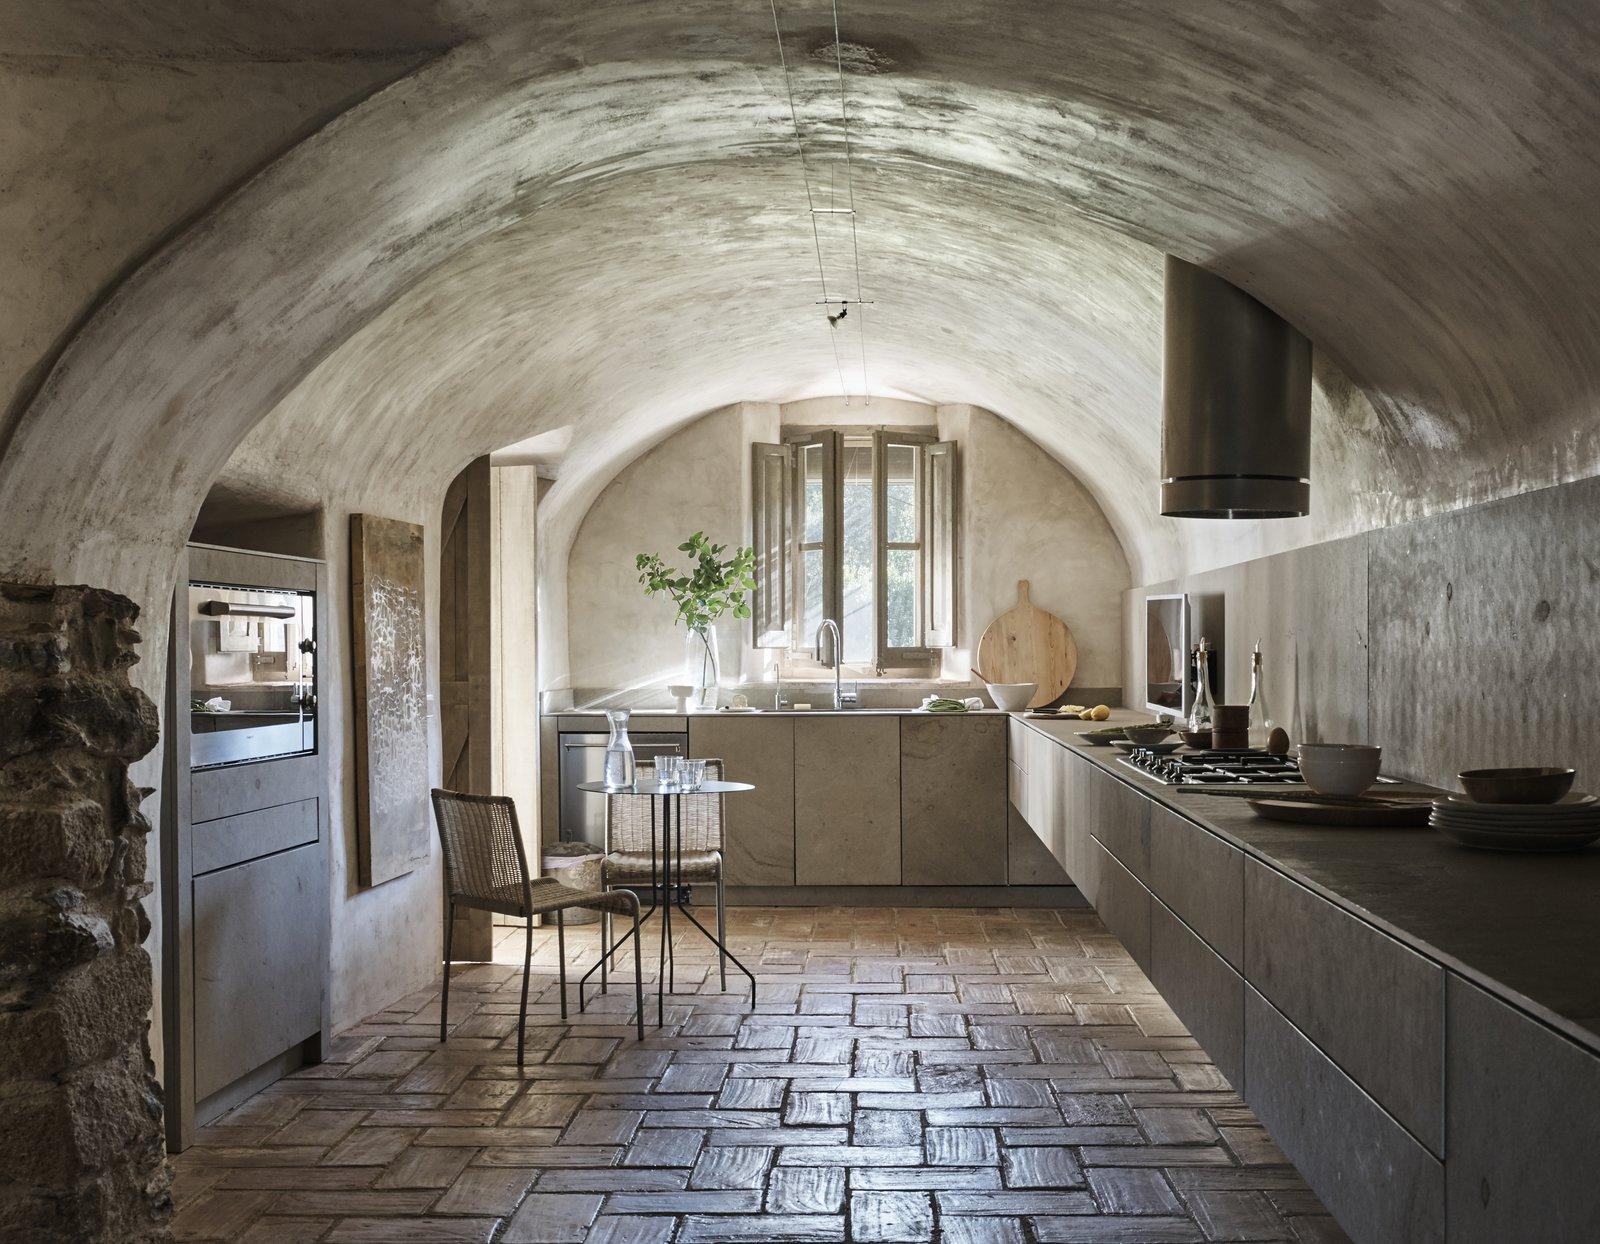 Catalan Farmhouse kitchen